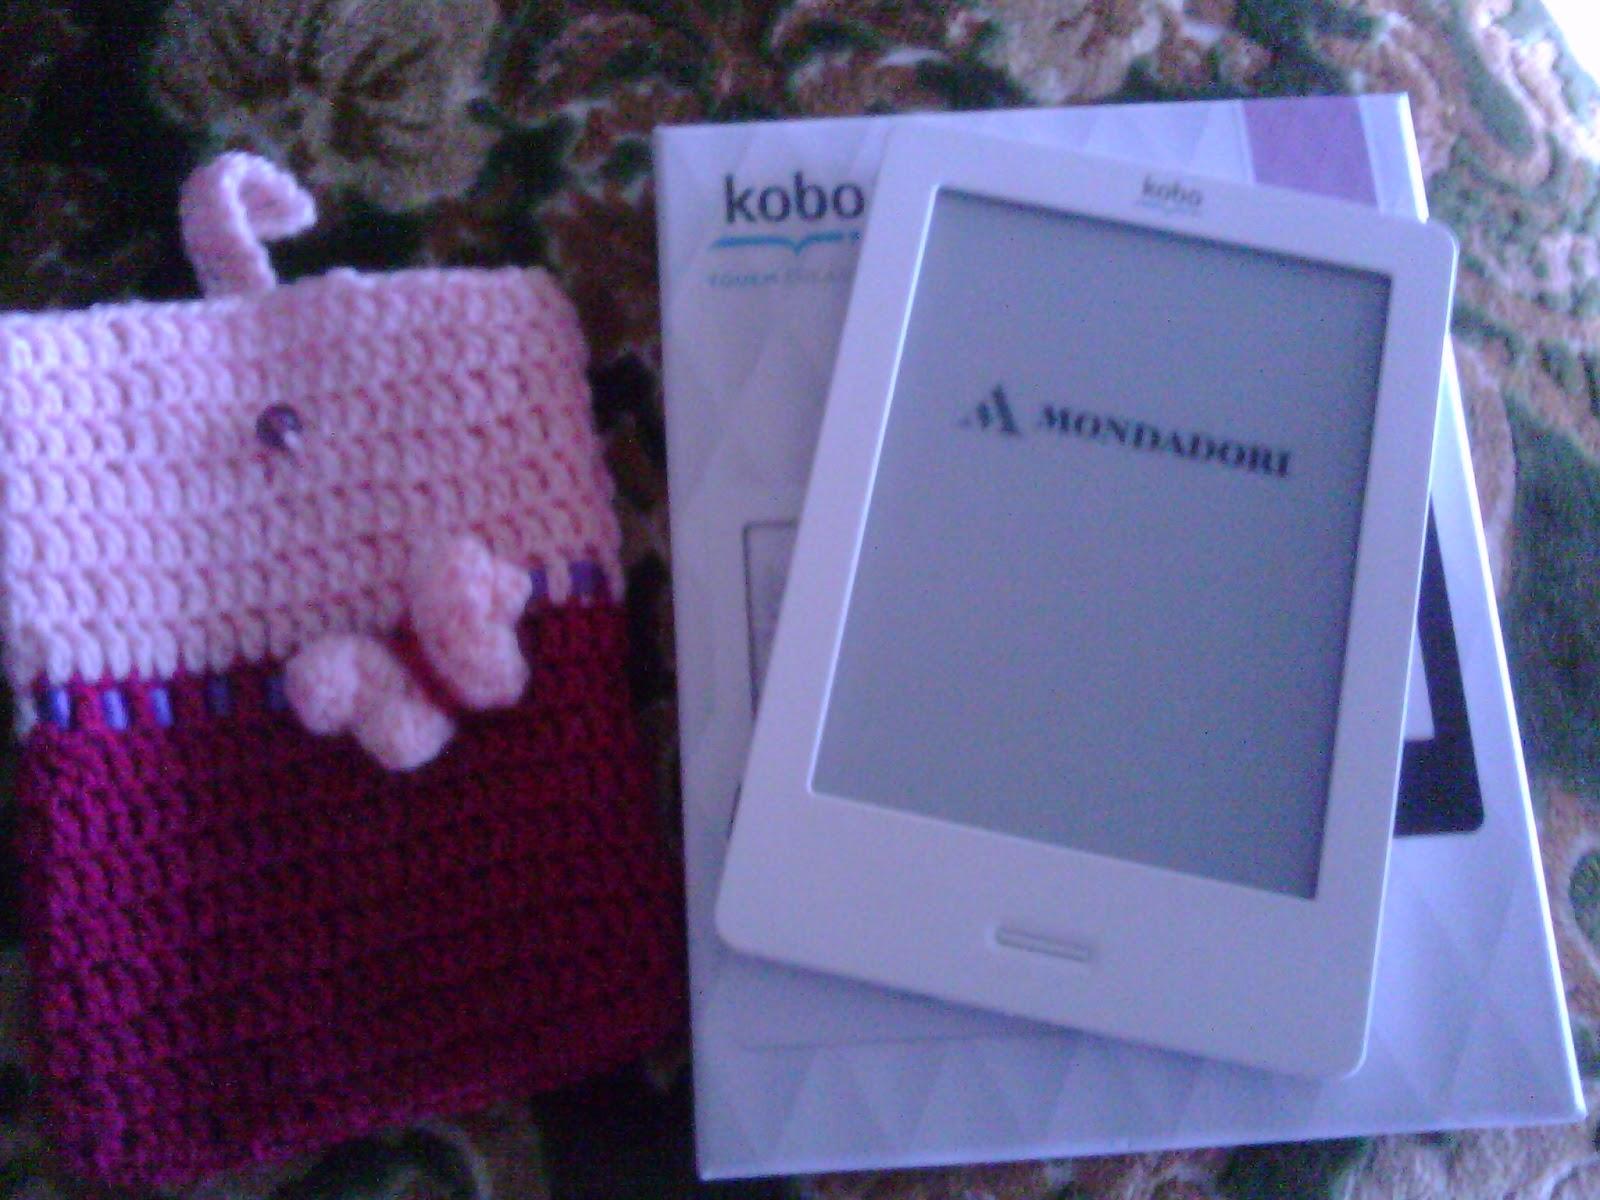 🔥 Kobo com - eBooks, Audiobooks, eReaders and Reading apps